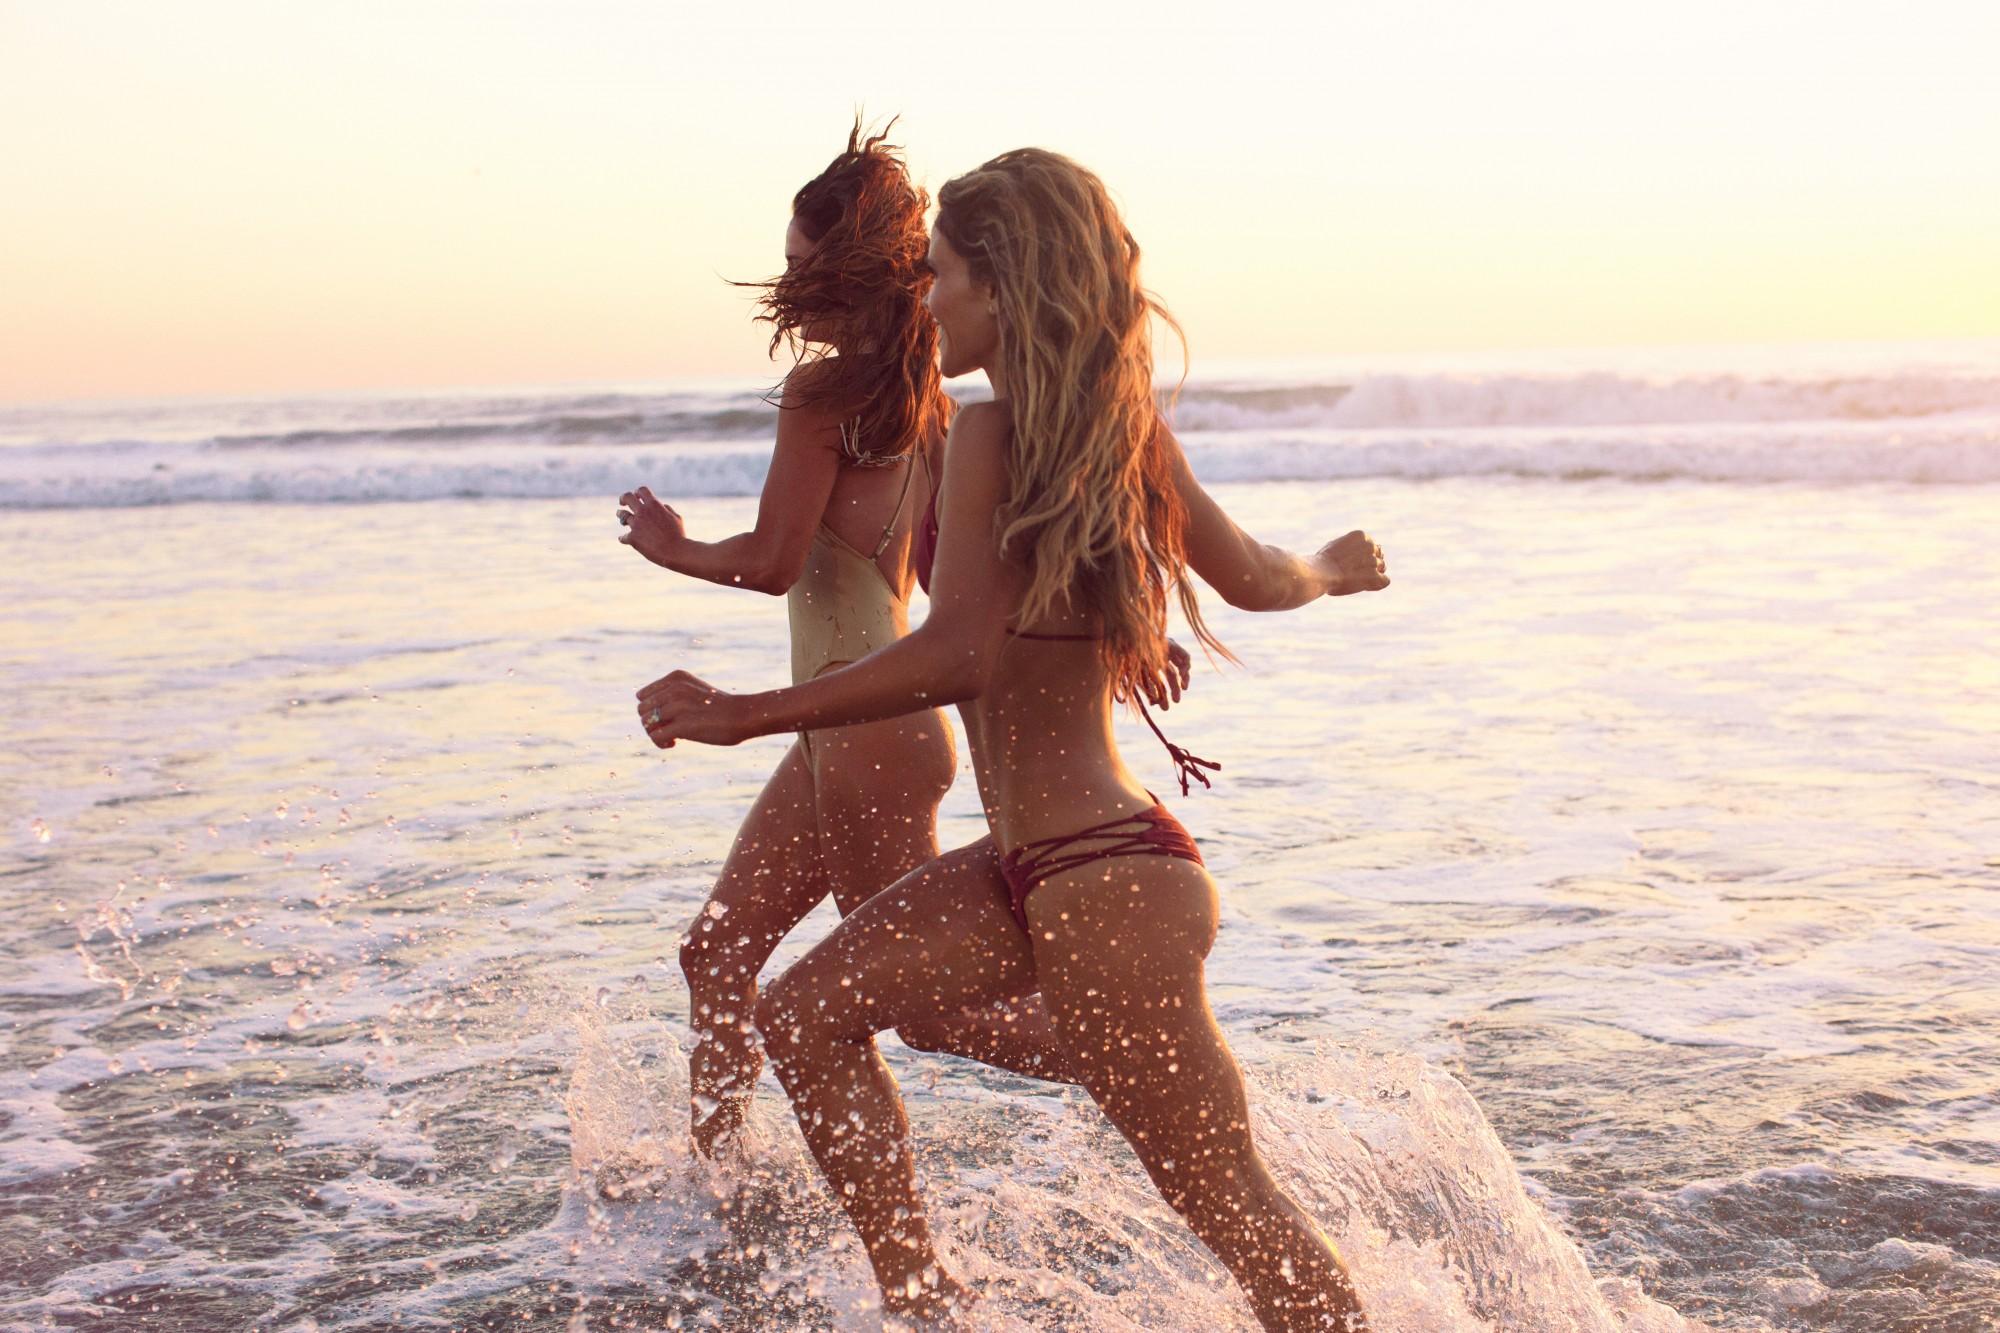 tone it up karena katrina beach run